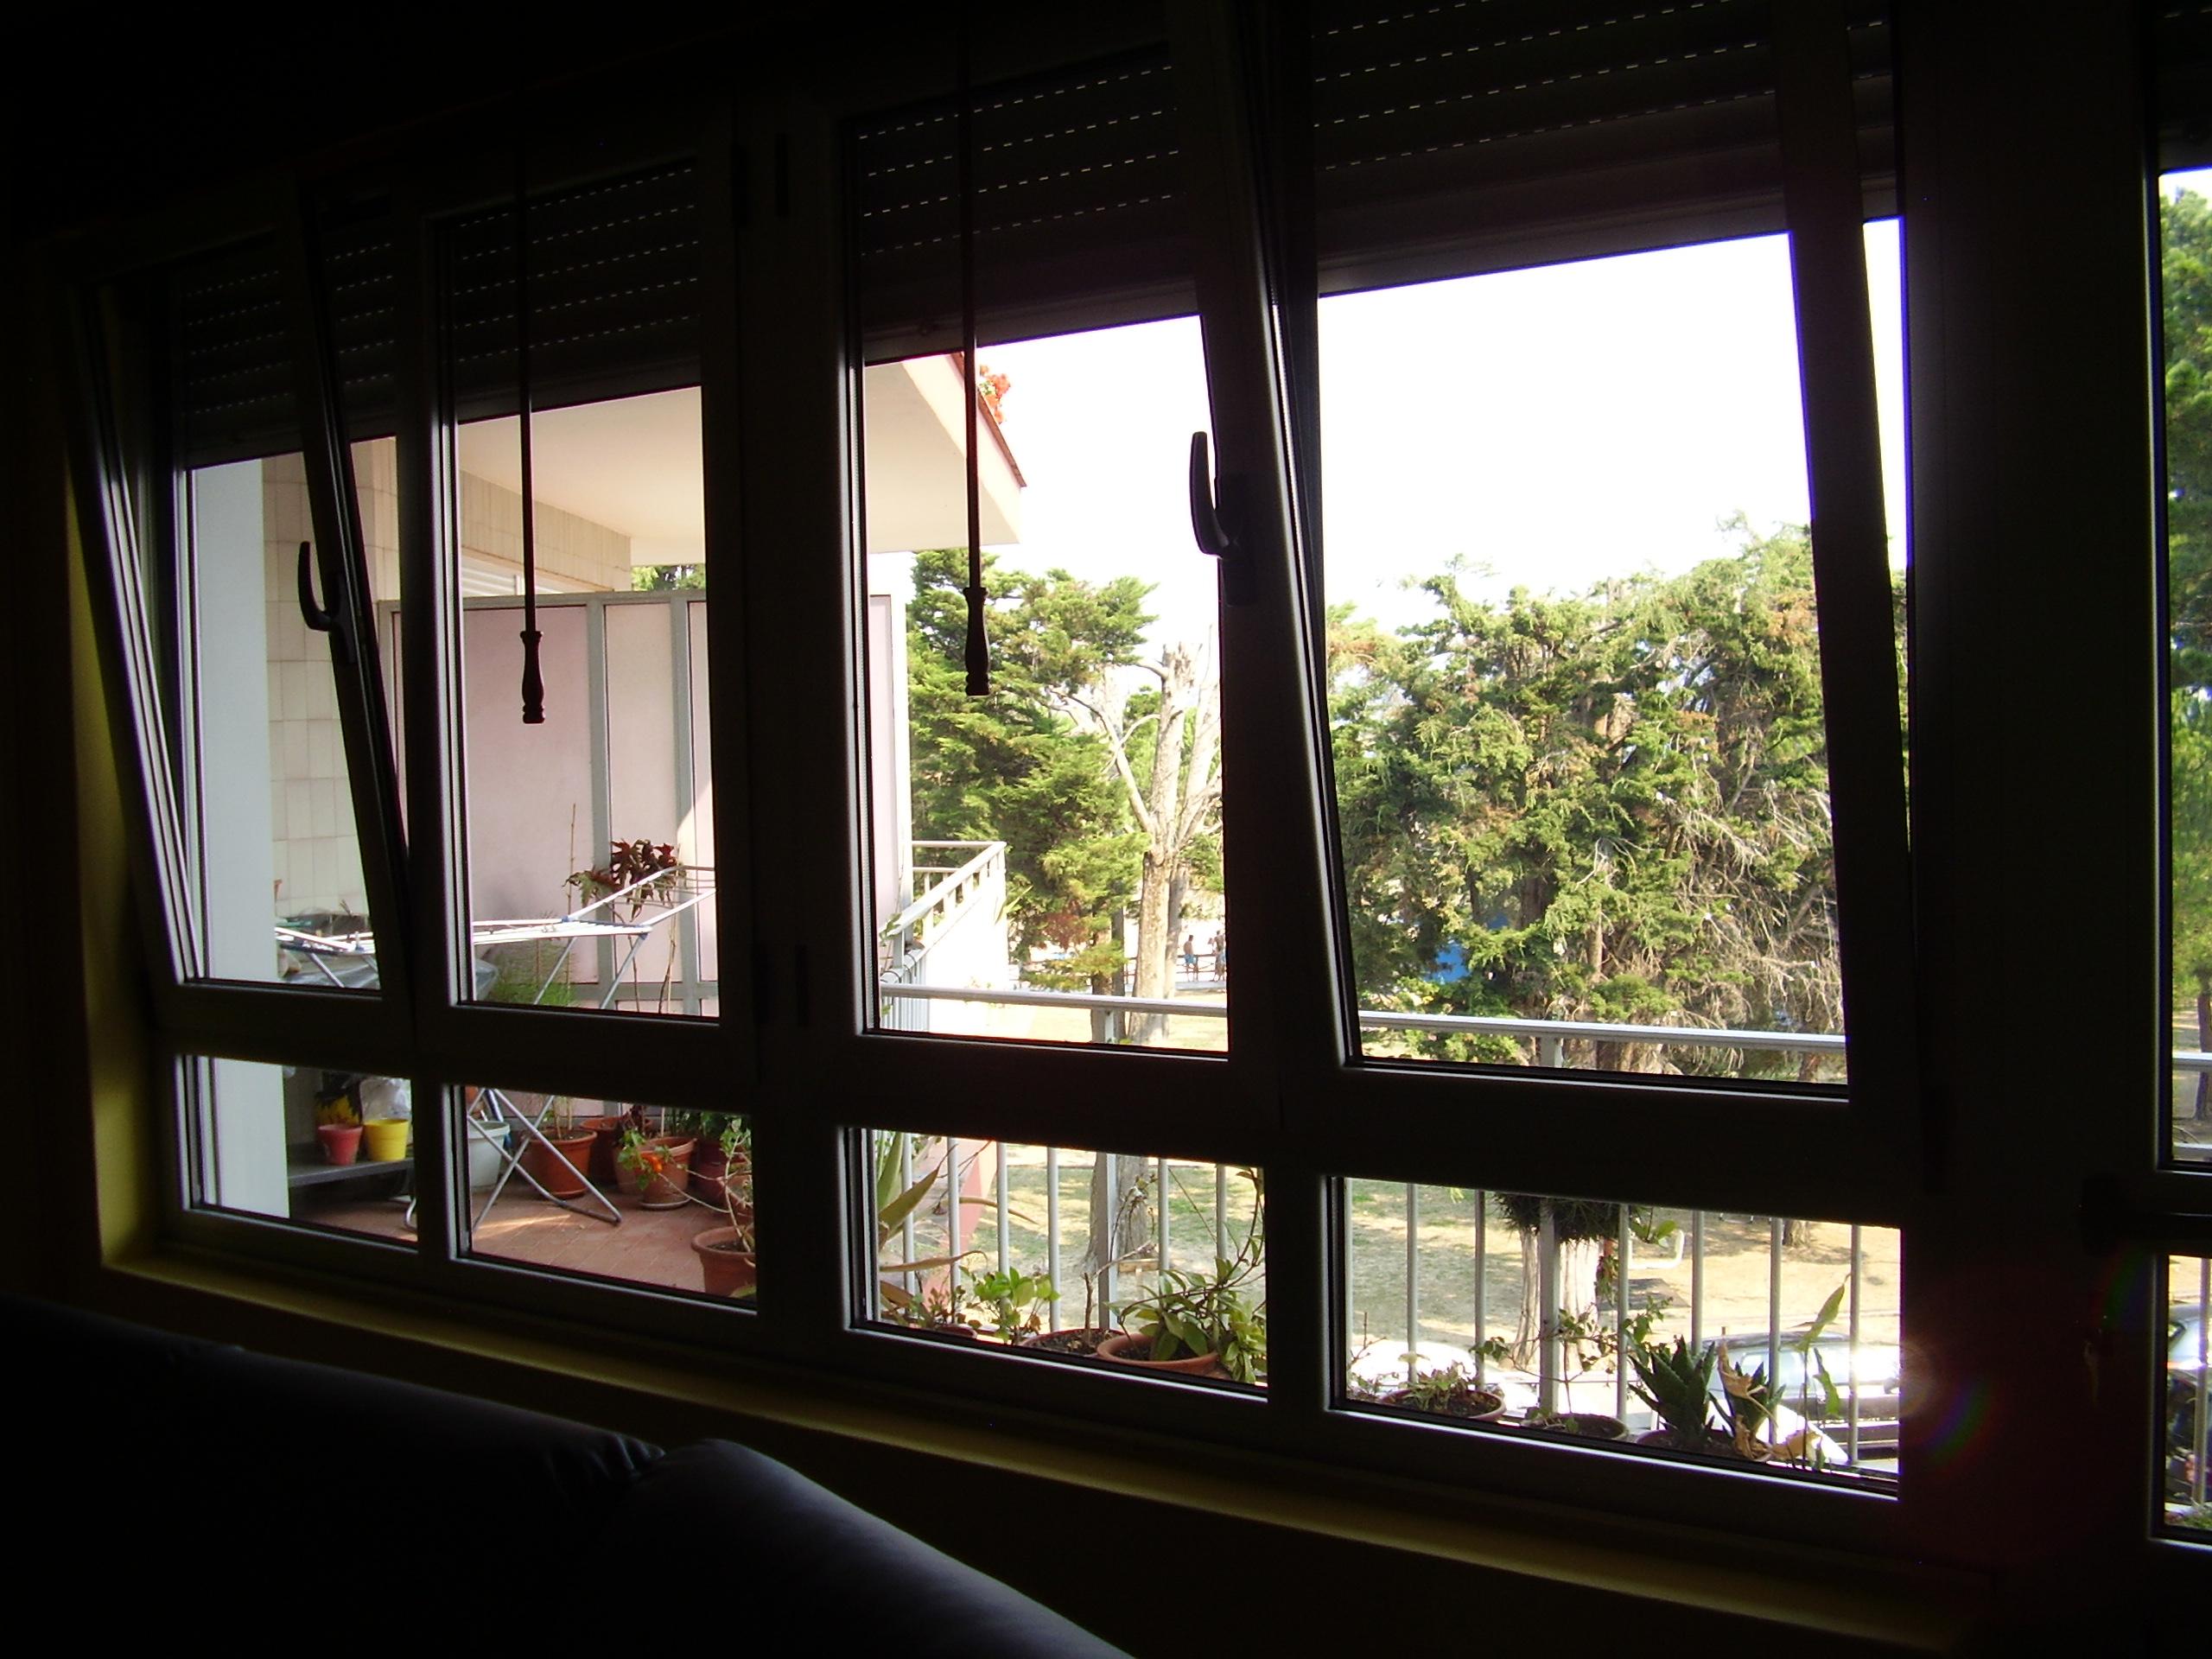 Cerramiento con ventanas practicables oscilo-batientes